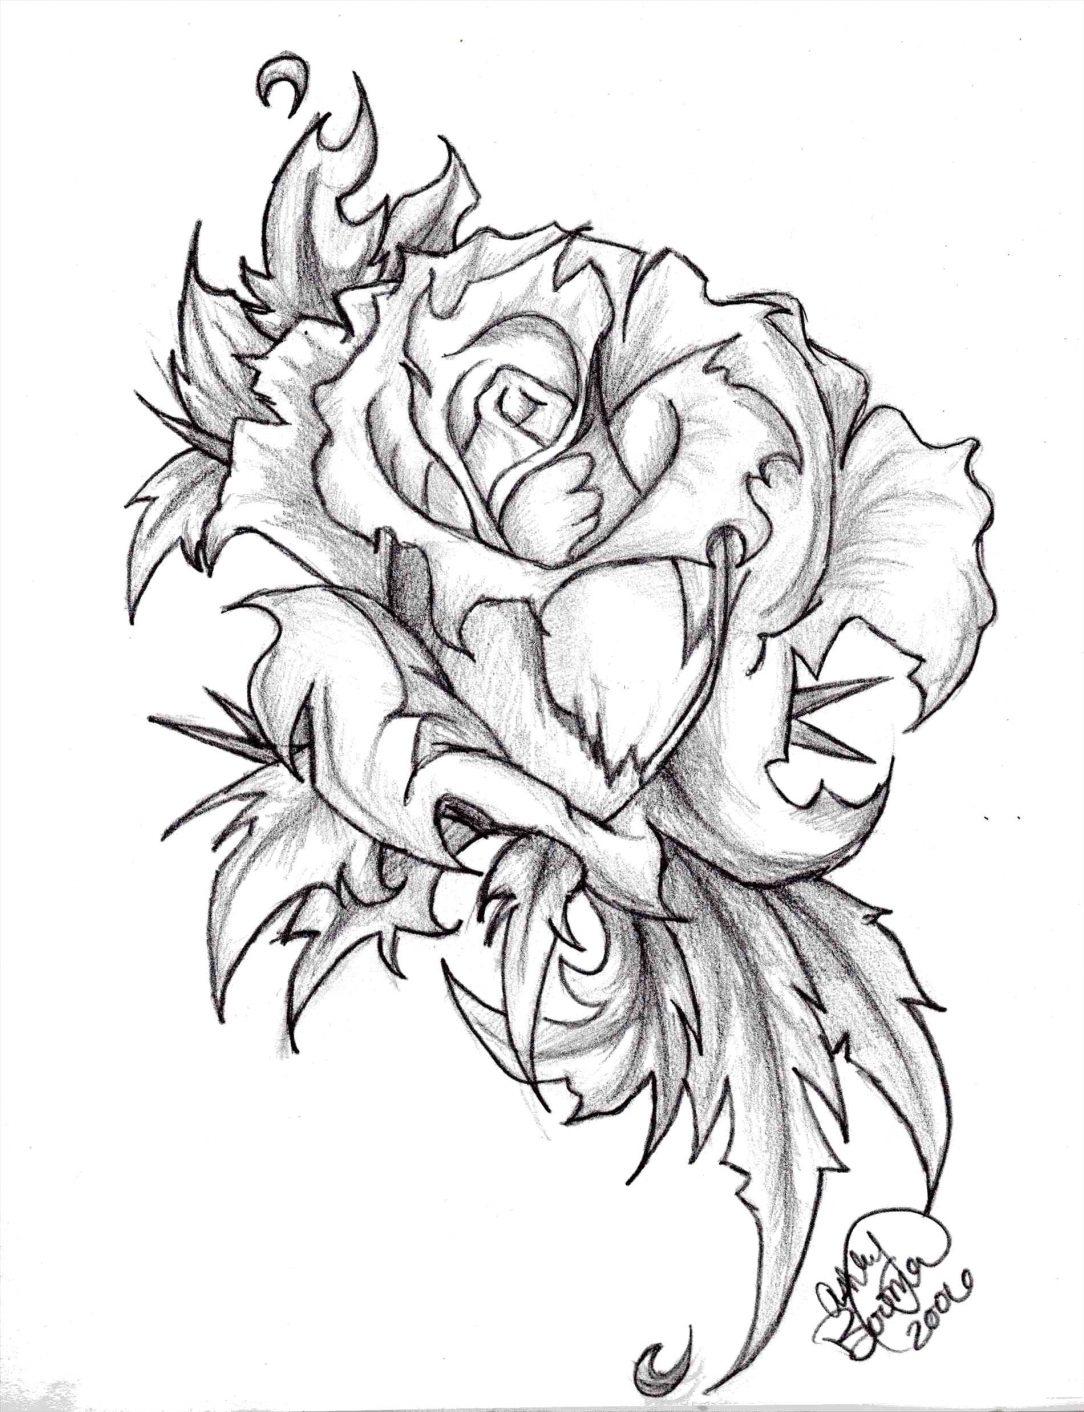 Hình ảnh hoa hồng đen trắng được vẽ bằng bút chì